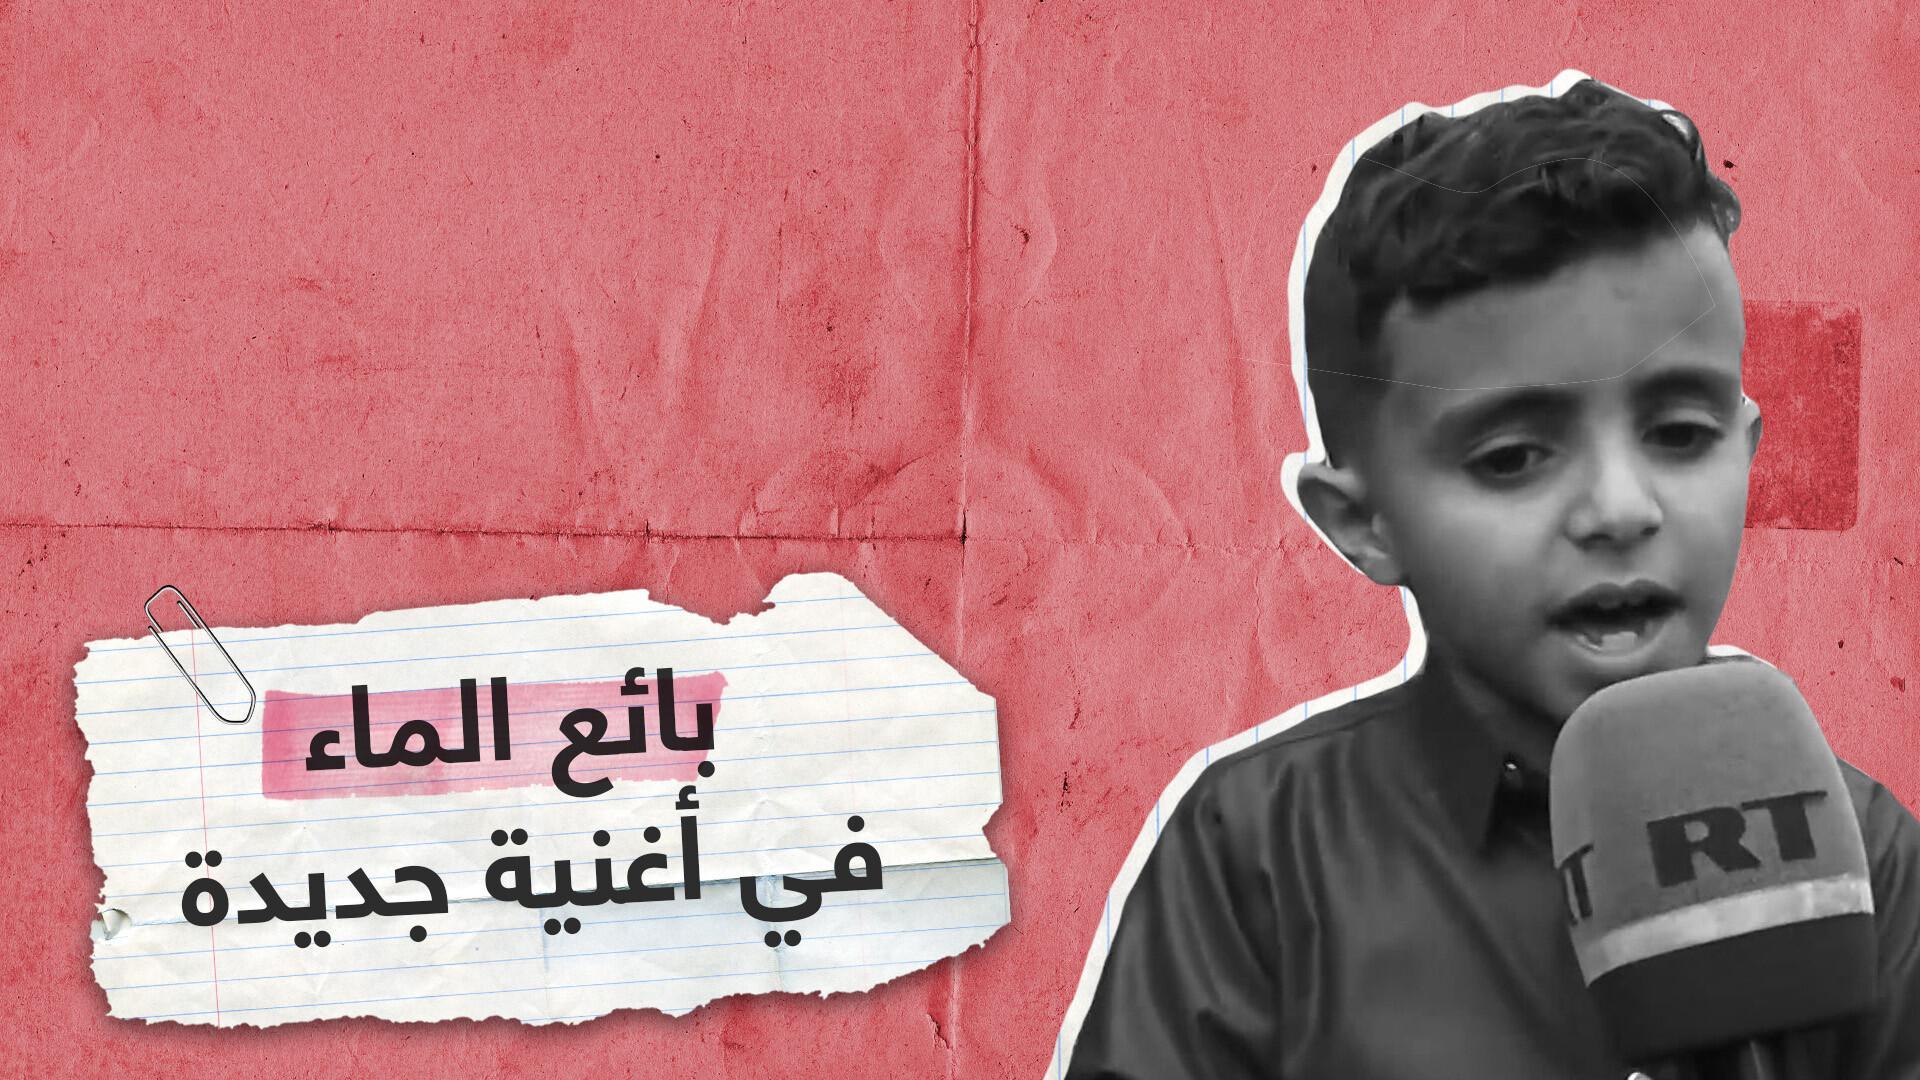 الطفل اليمني الذي جذب الملايين بصوته يغني لـ RT Online